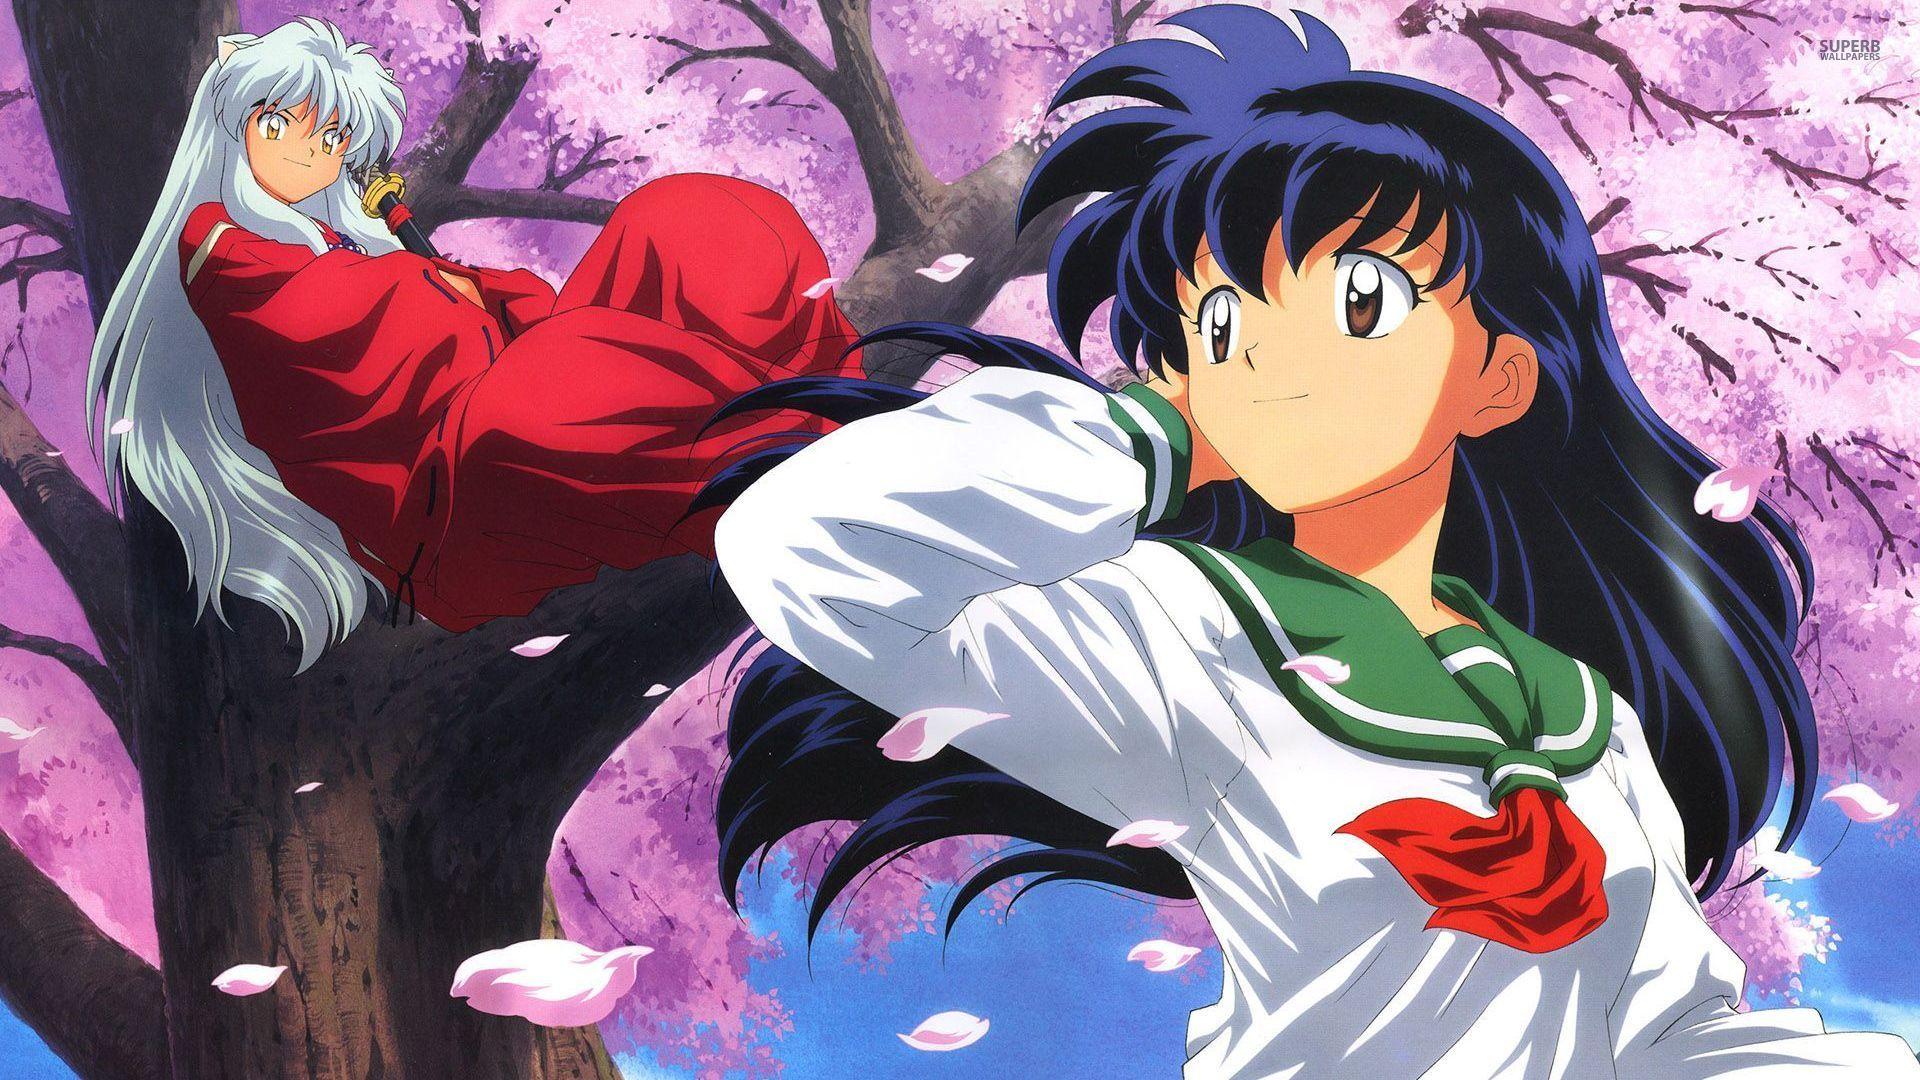 high school romance anime